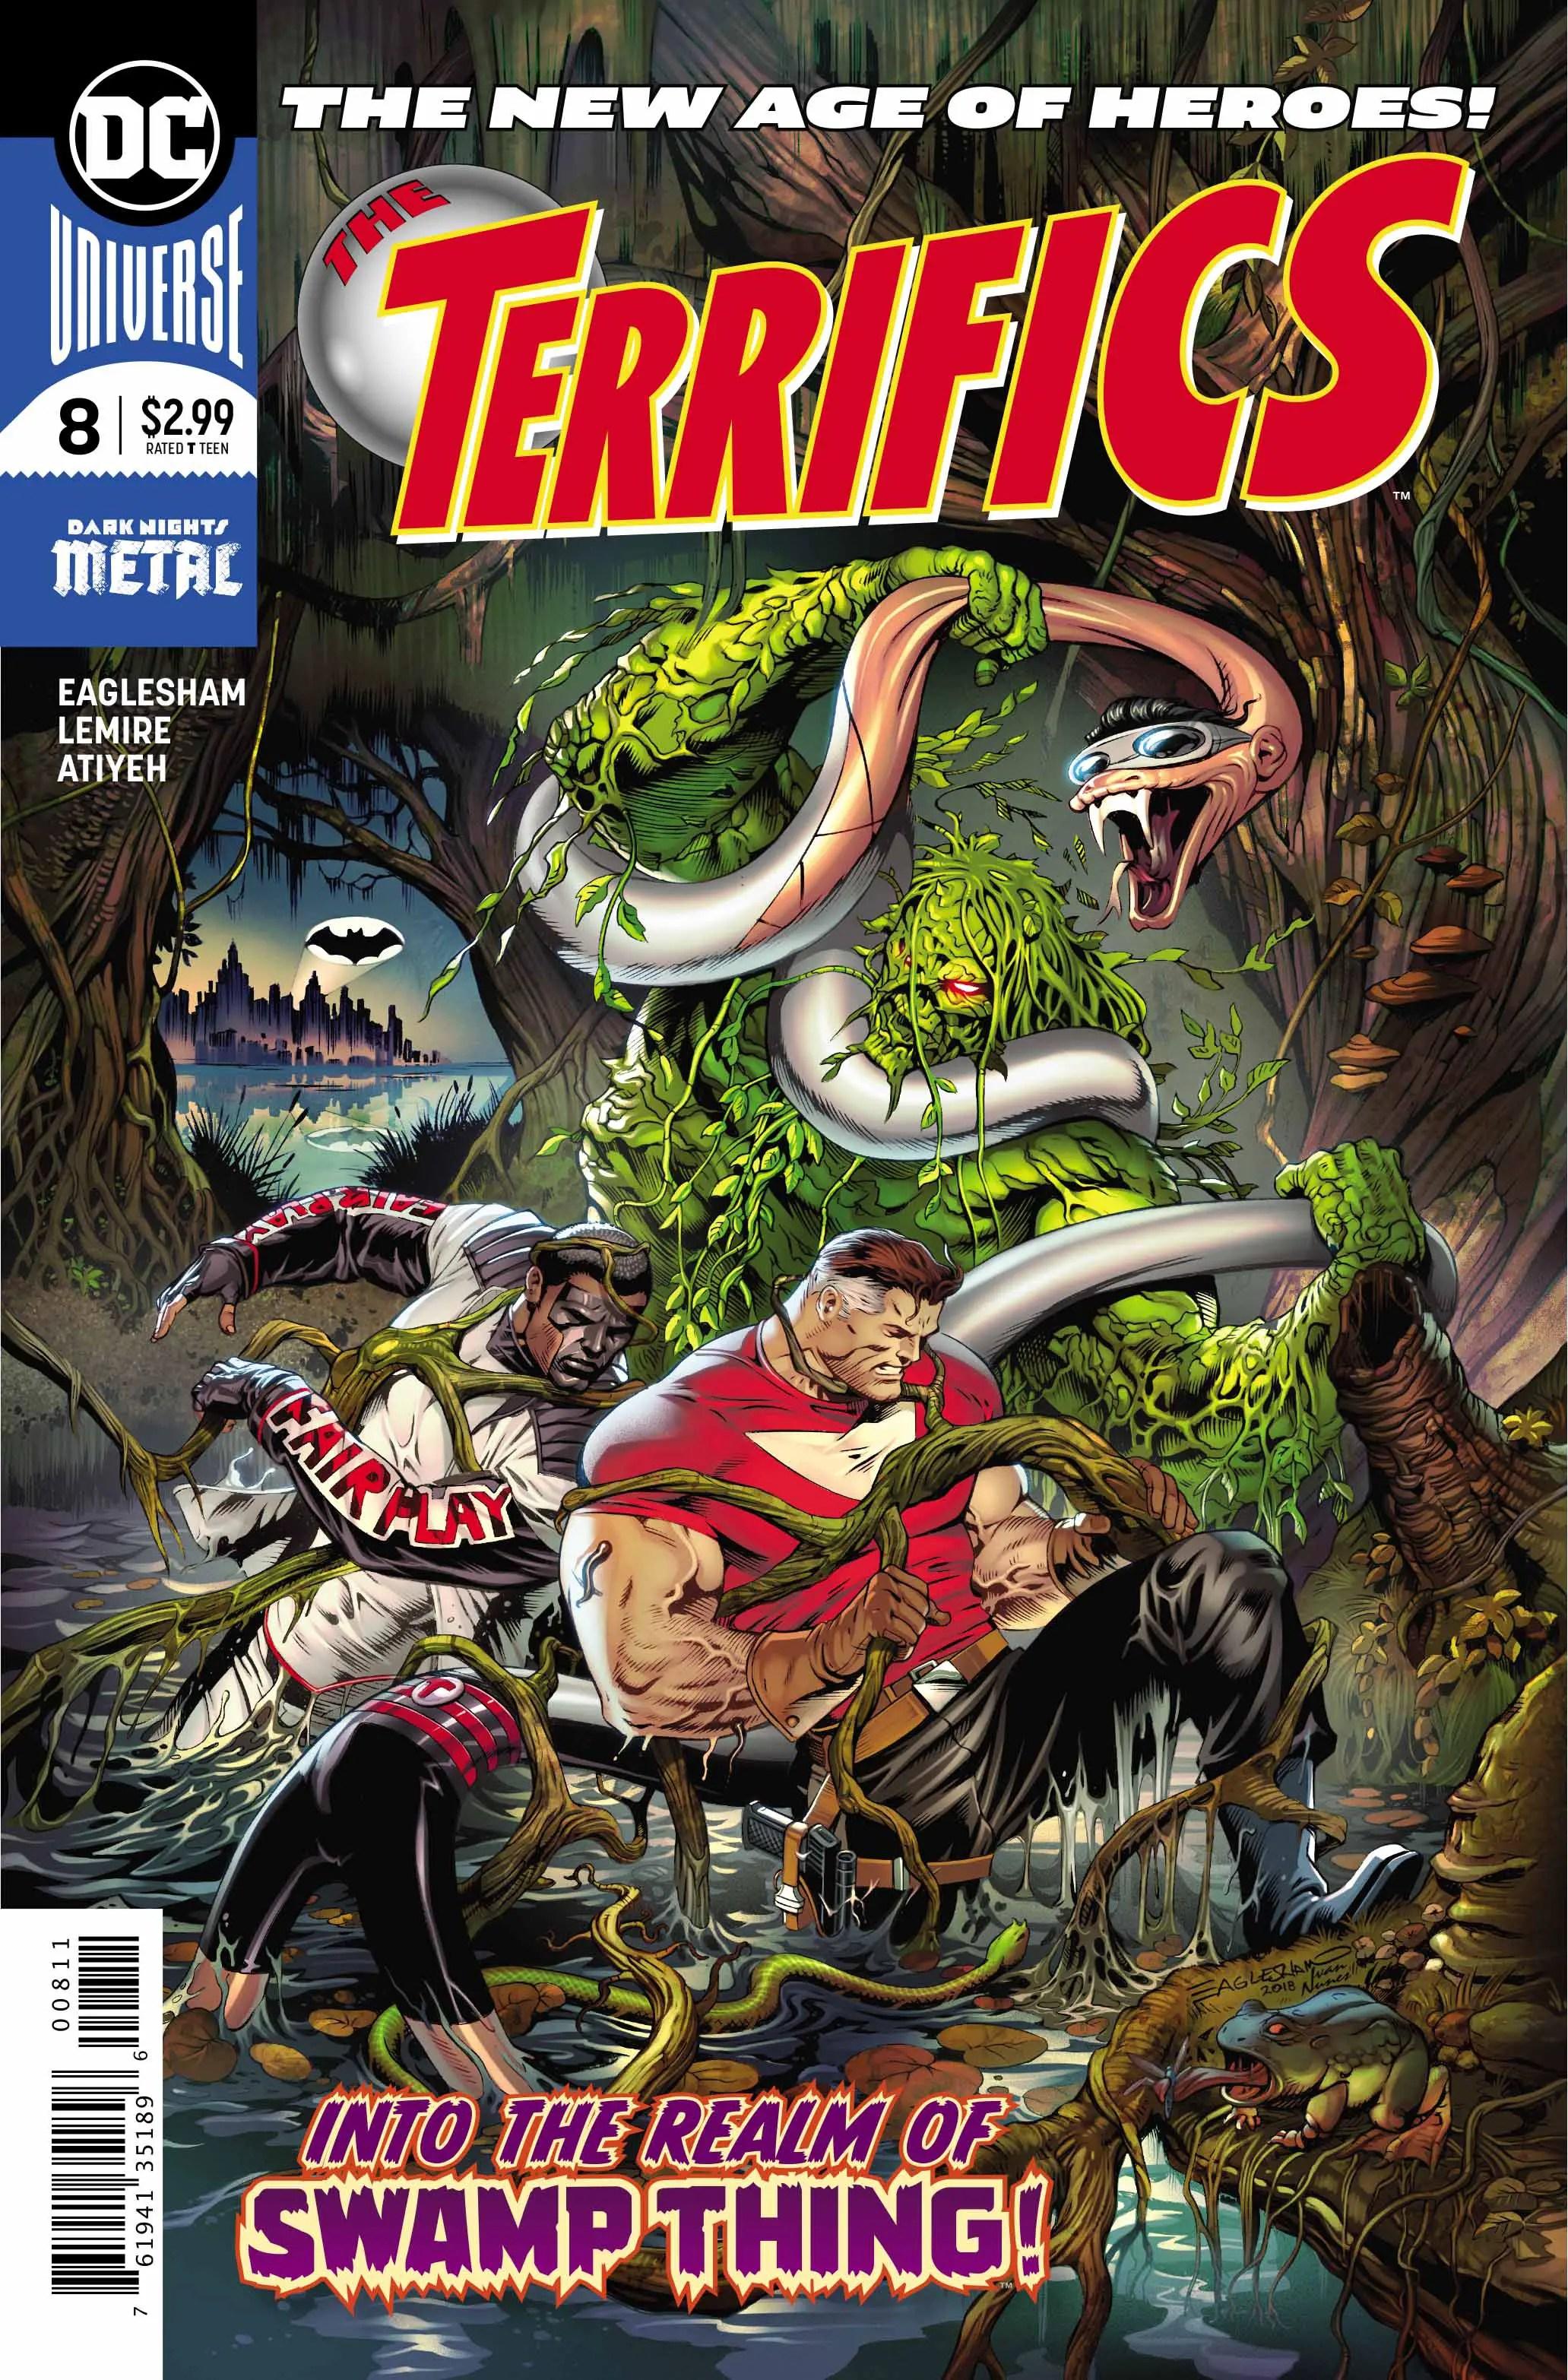 The Terrifics #8 Review